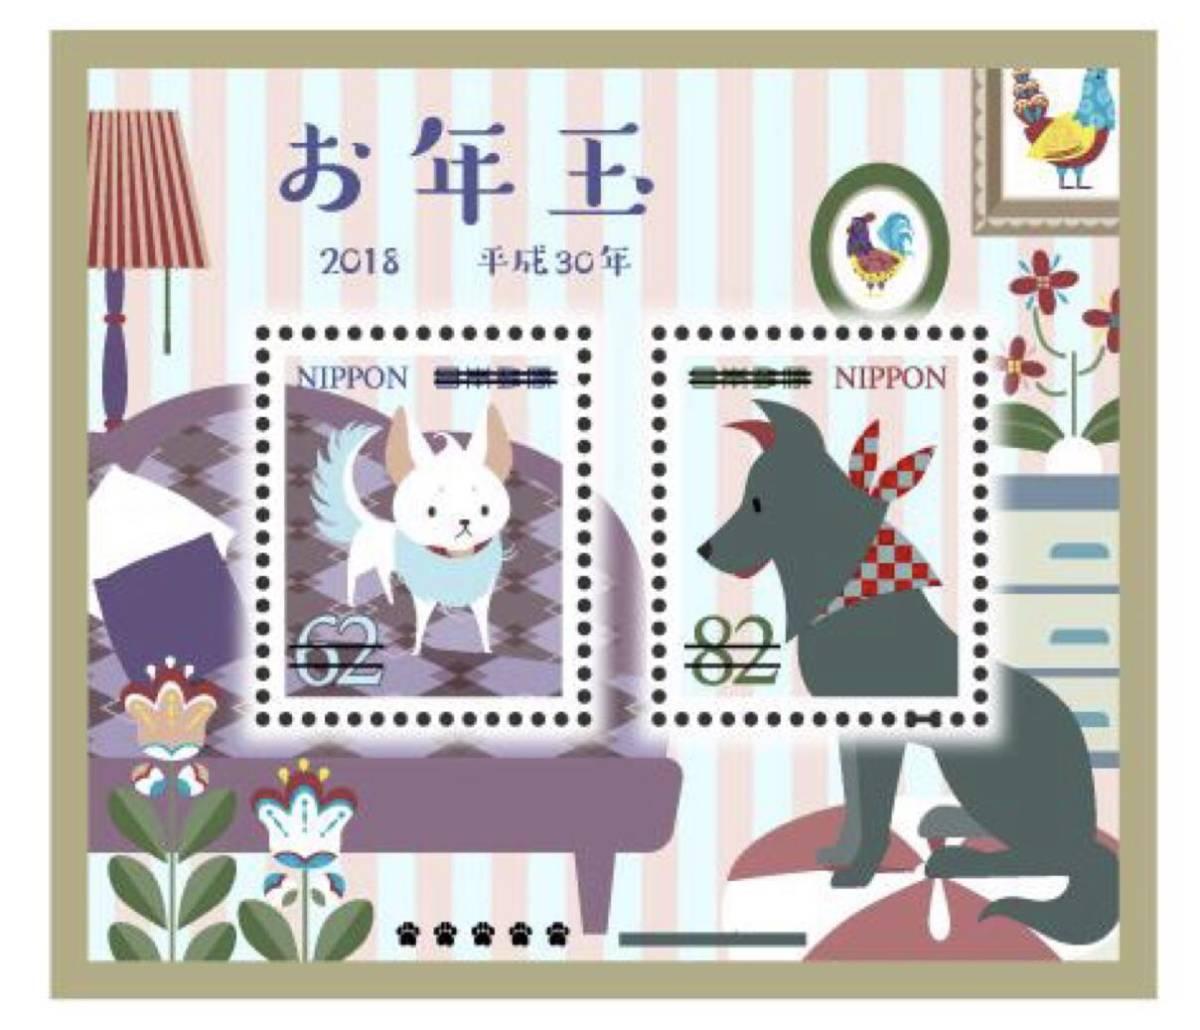 (未使用)切手 平成30年 お年玉切手シート 10枚。額面1,440円(クリックポスト送料無料)同梱可。